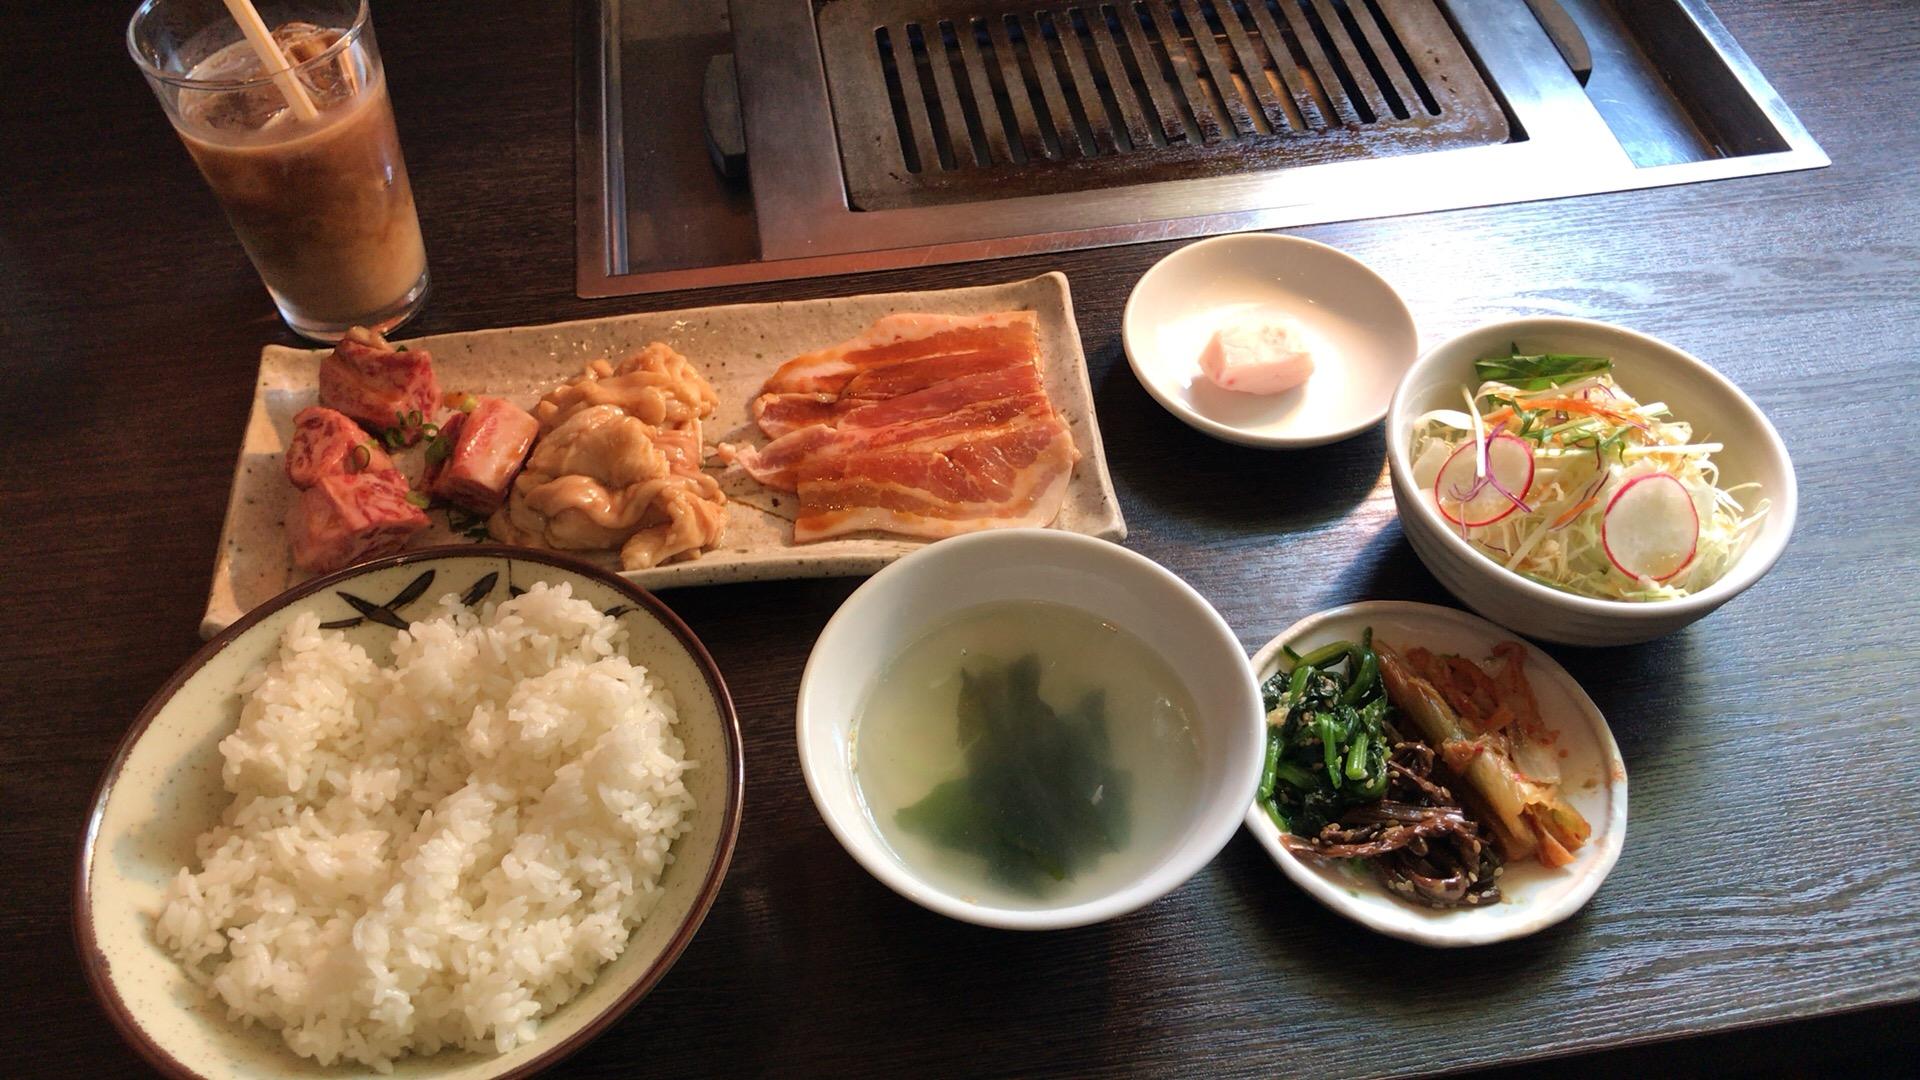 札幌・中央区 焼肉と料理 シルクロード